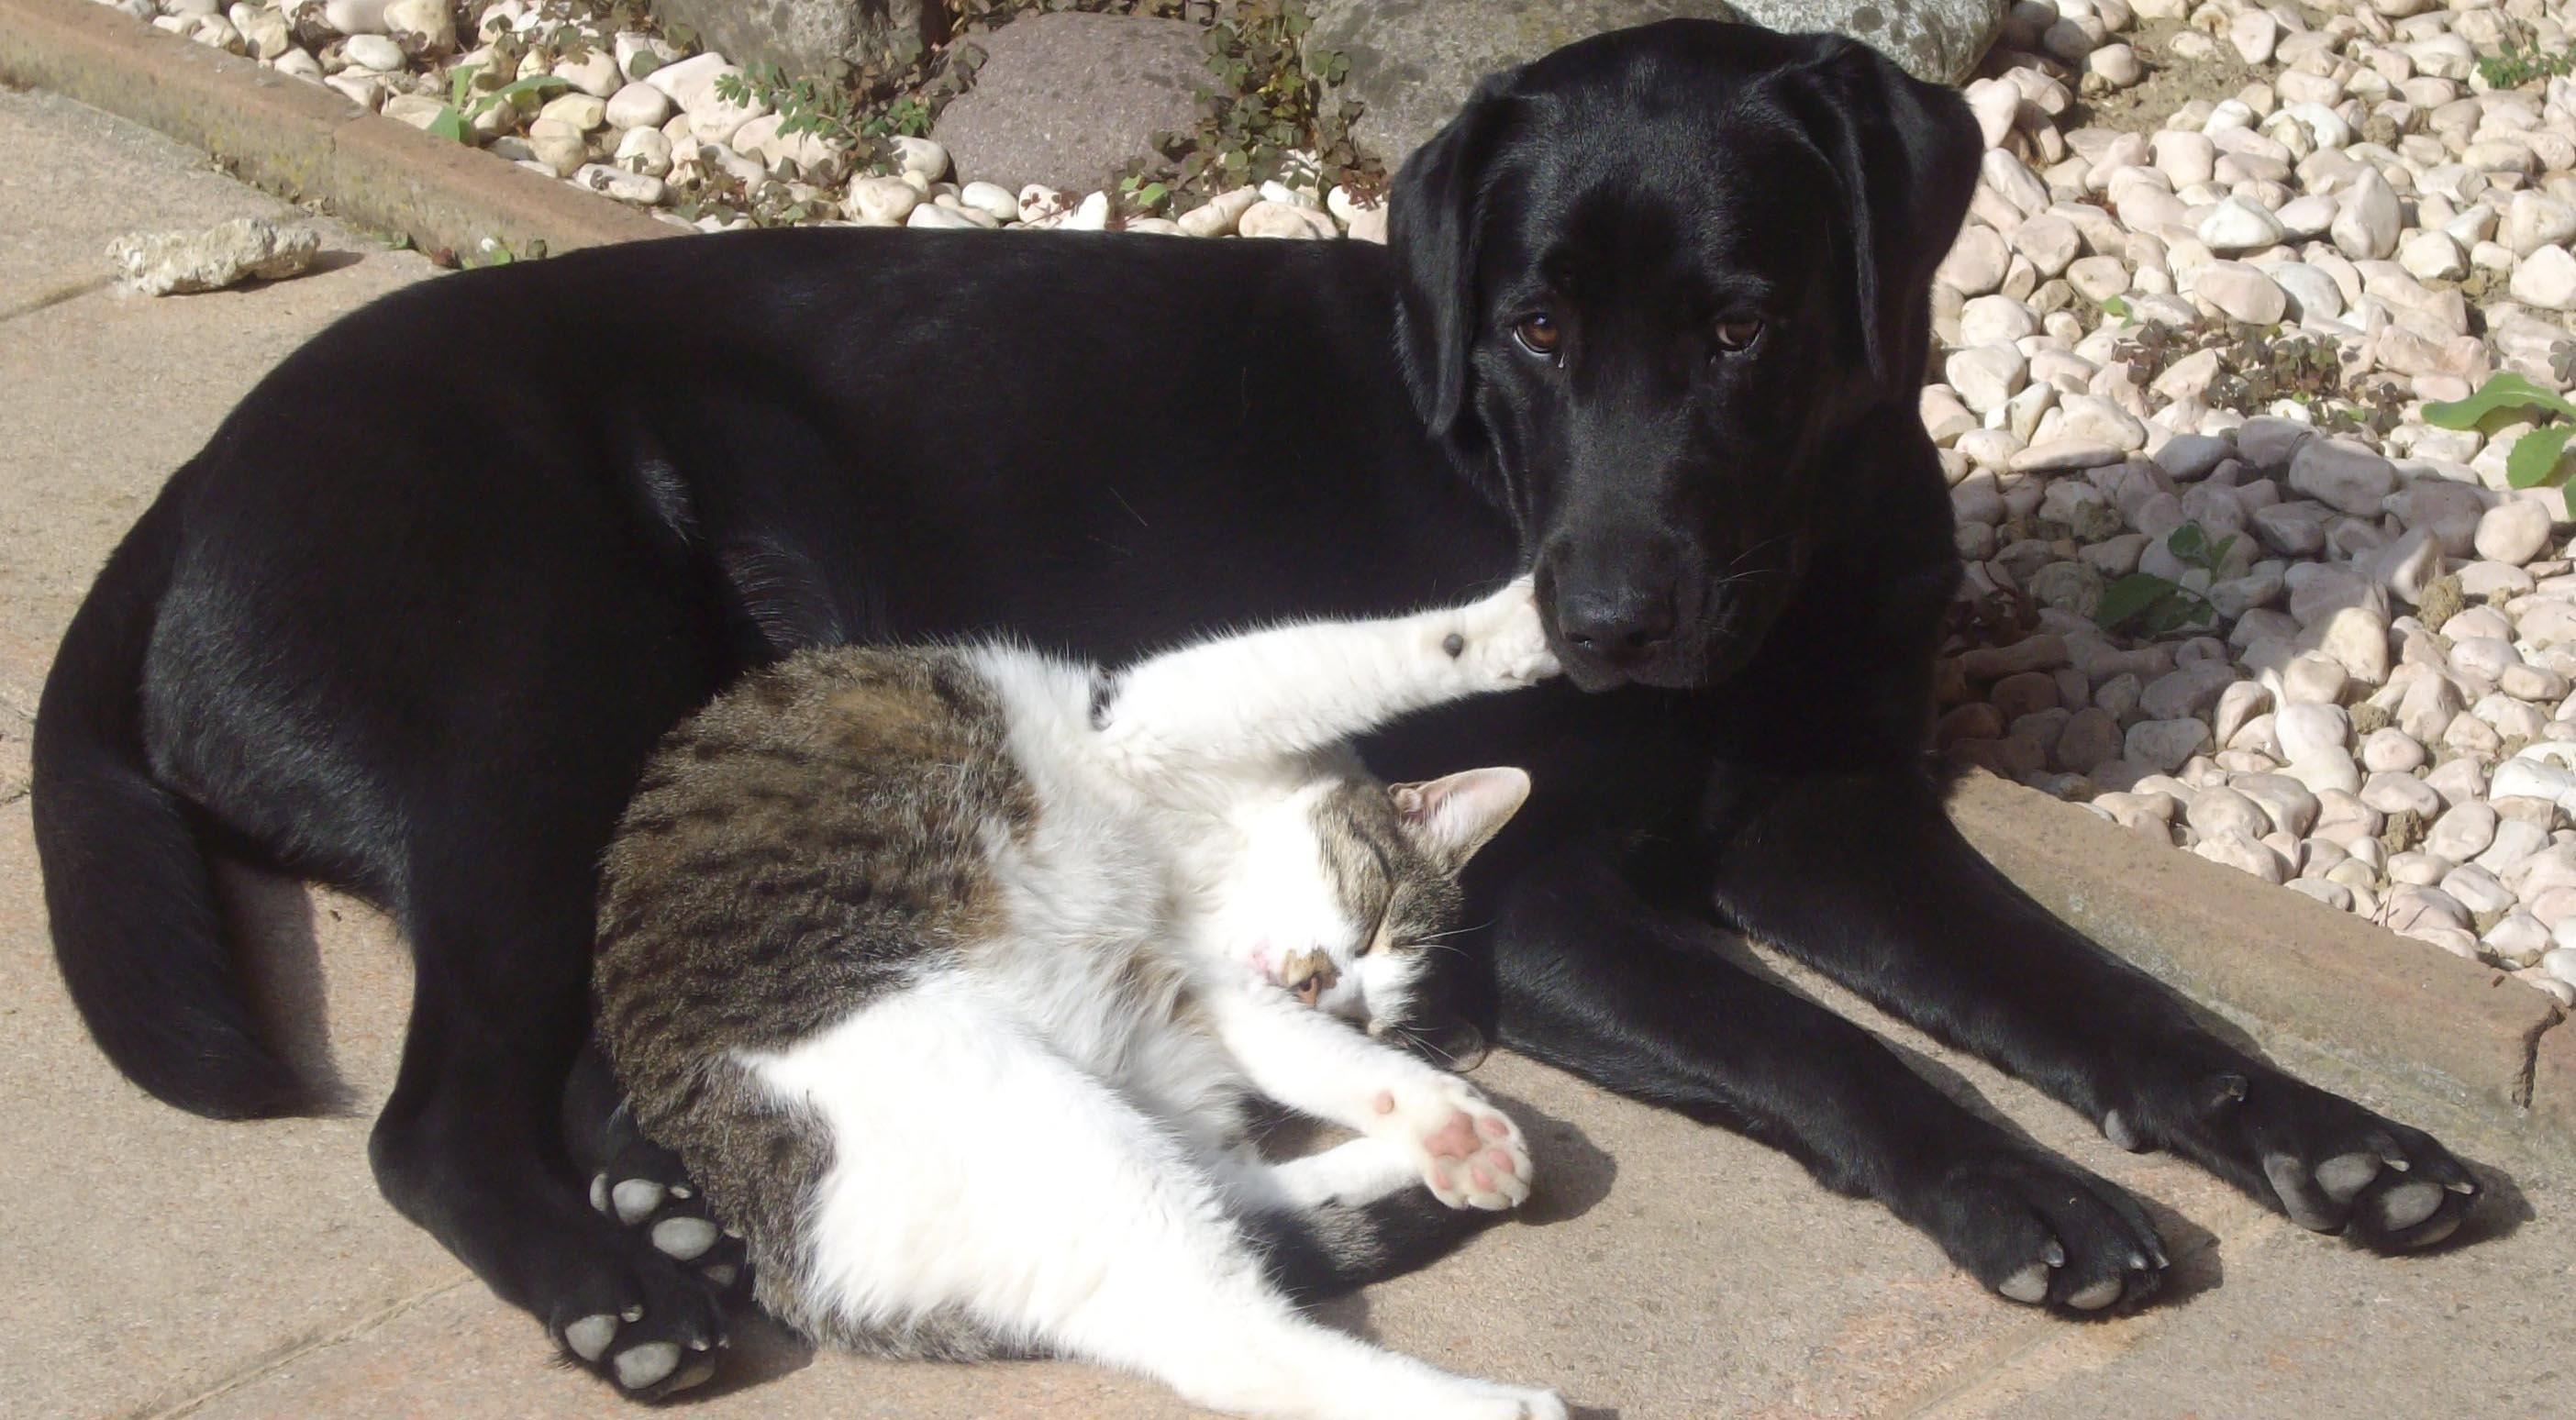 Immagine di Tessa che gioca con un gattino bianco e grigio